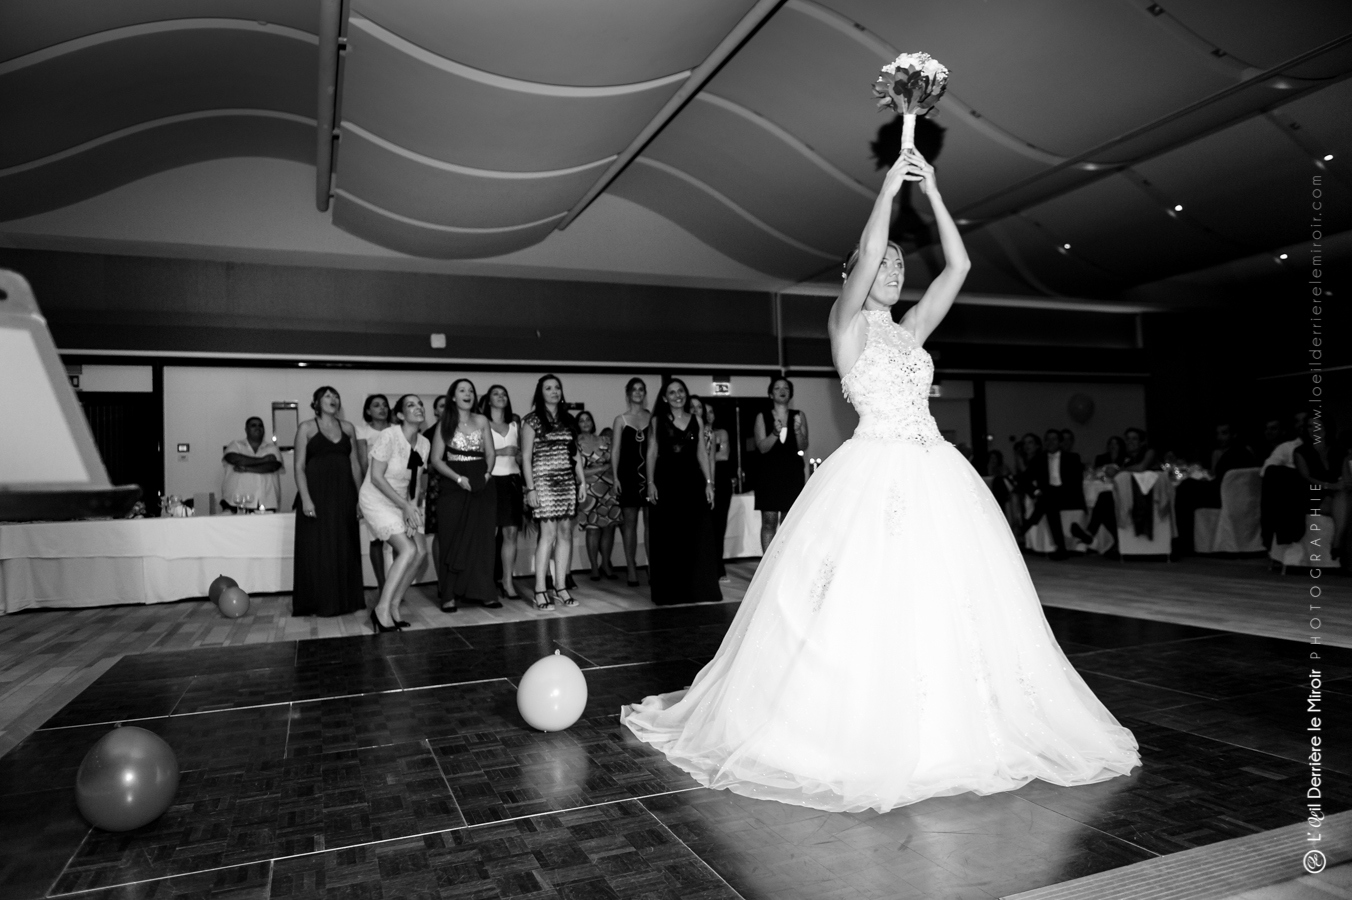 Photographe-mariage-monaco-loeilderrierelemiroir-086